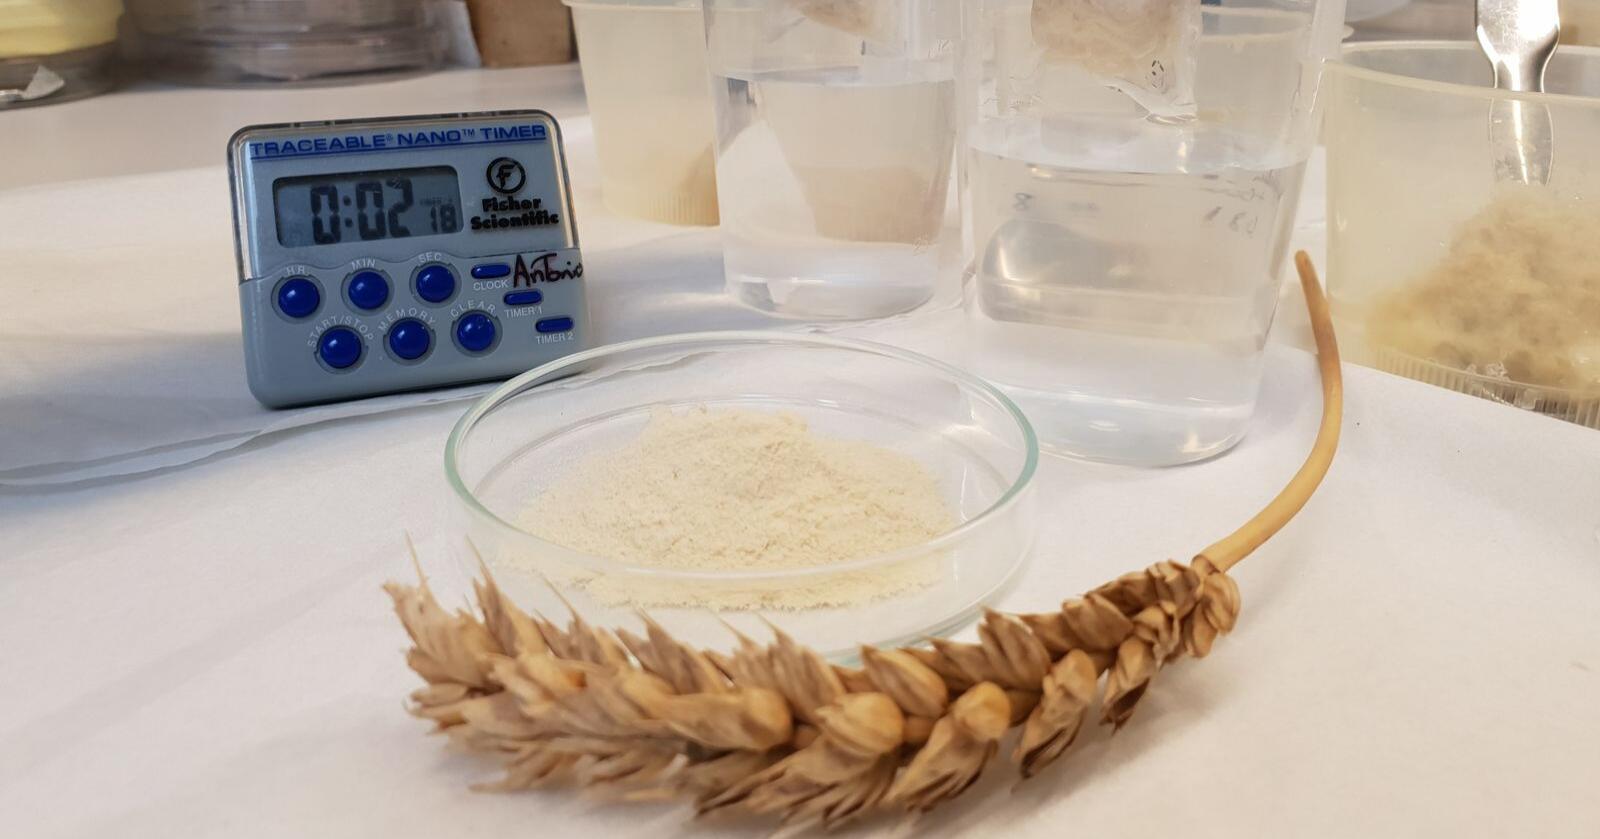 Bleier trenger noe som absorberer fukt godt, og nå er biologisk nedbrytbare superabsorbenter basert på både hvetegluten og potetprotein utviklet av forskere ved Sveriges lantbruksuniversitet (SLU) og Kungliga Tekniska högskolan (KTH) .Foto: Antonio Capezza, KTH